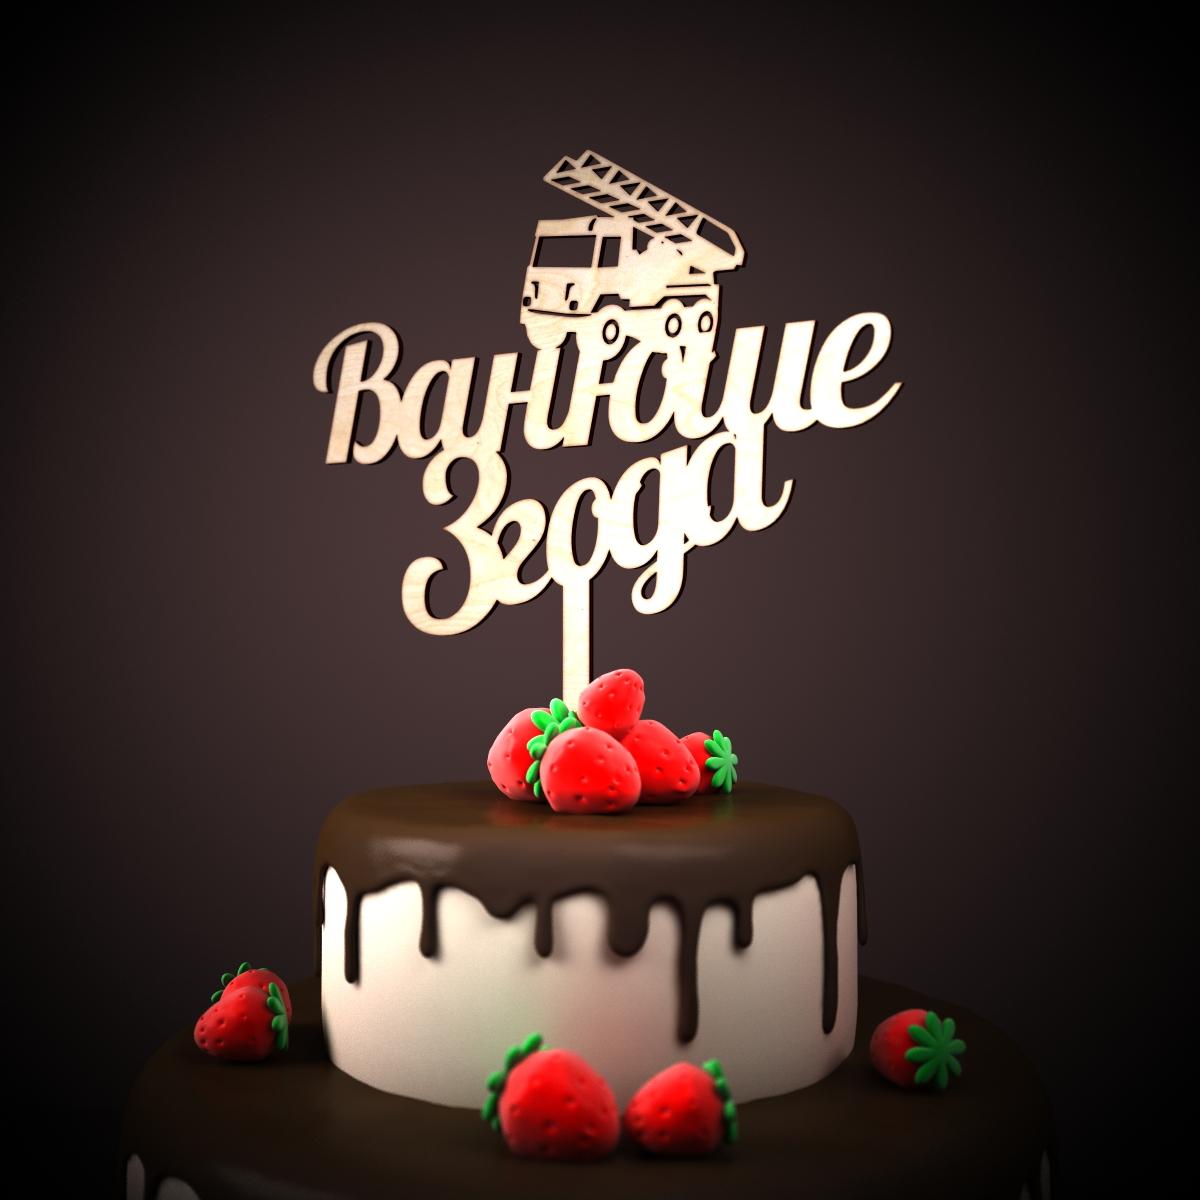 внимание поздравление с днем рождения ванюшка стали известны